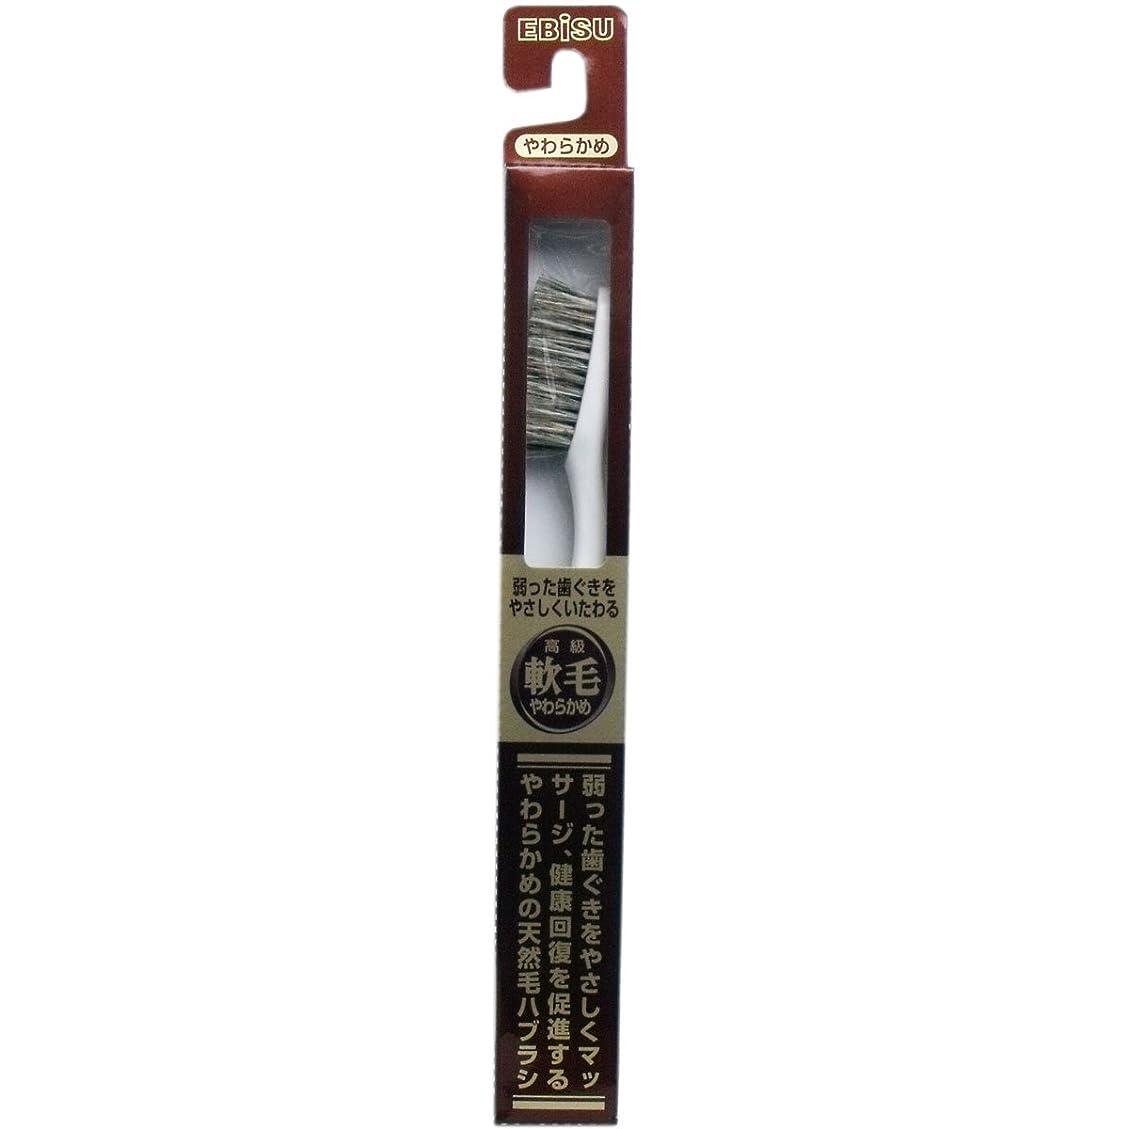 レンジ入るチャーム【エビス】天然毛軟毛歯ブラシ 500 やわらかめ 1本 ×3個セット